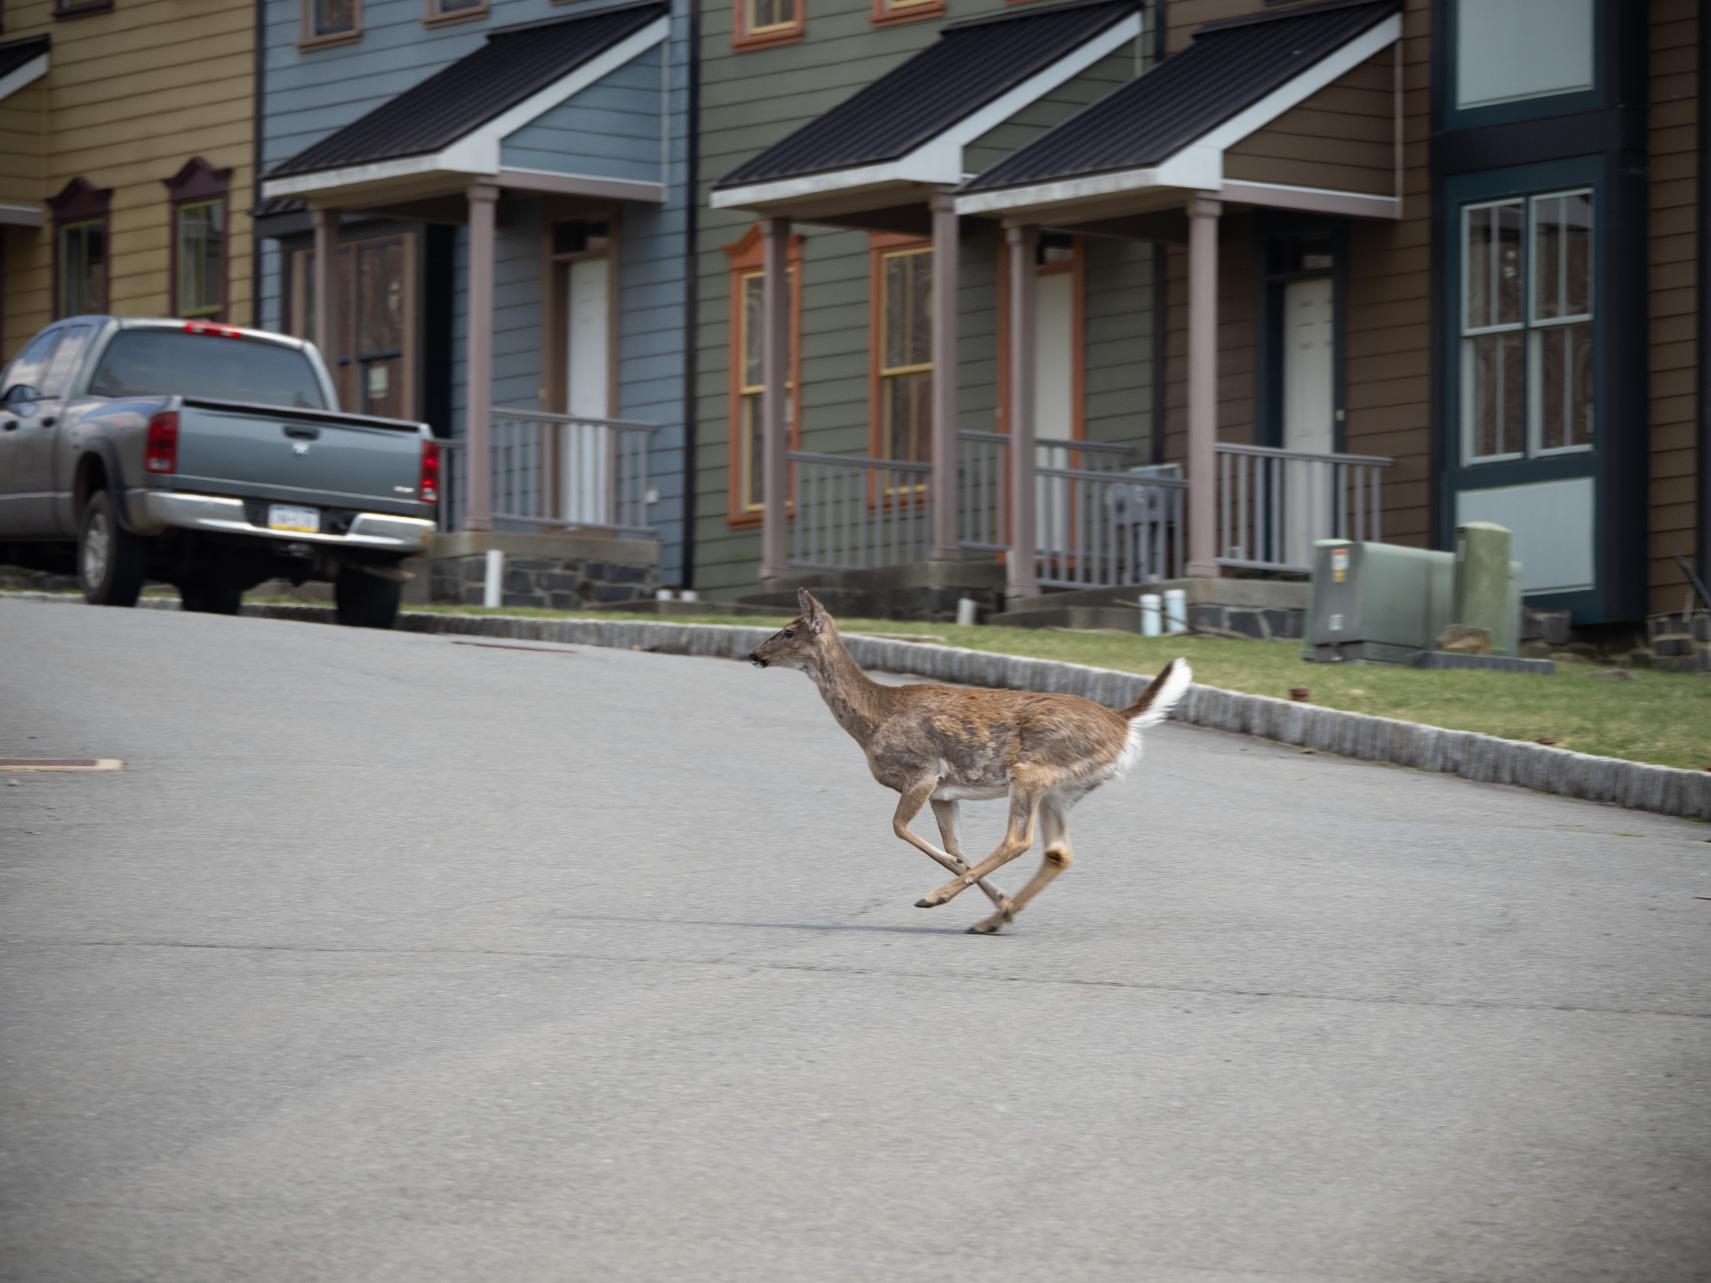 A deer careens through a half-constructed housing development.